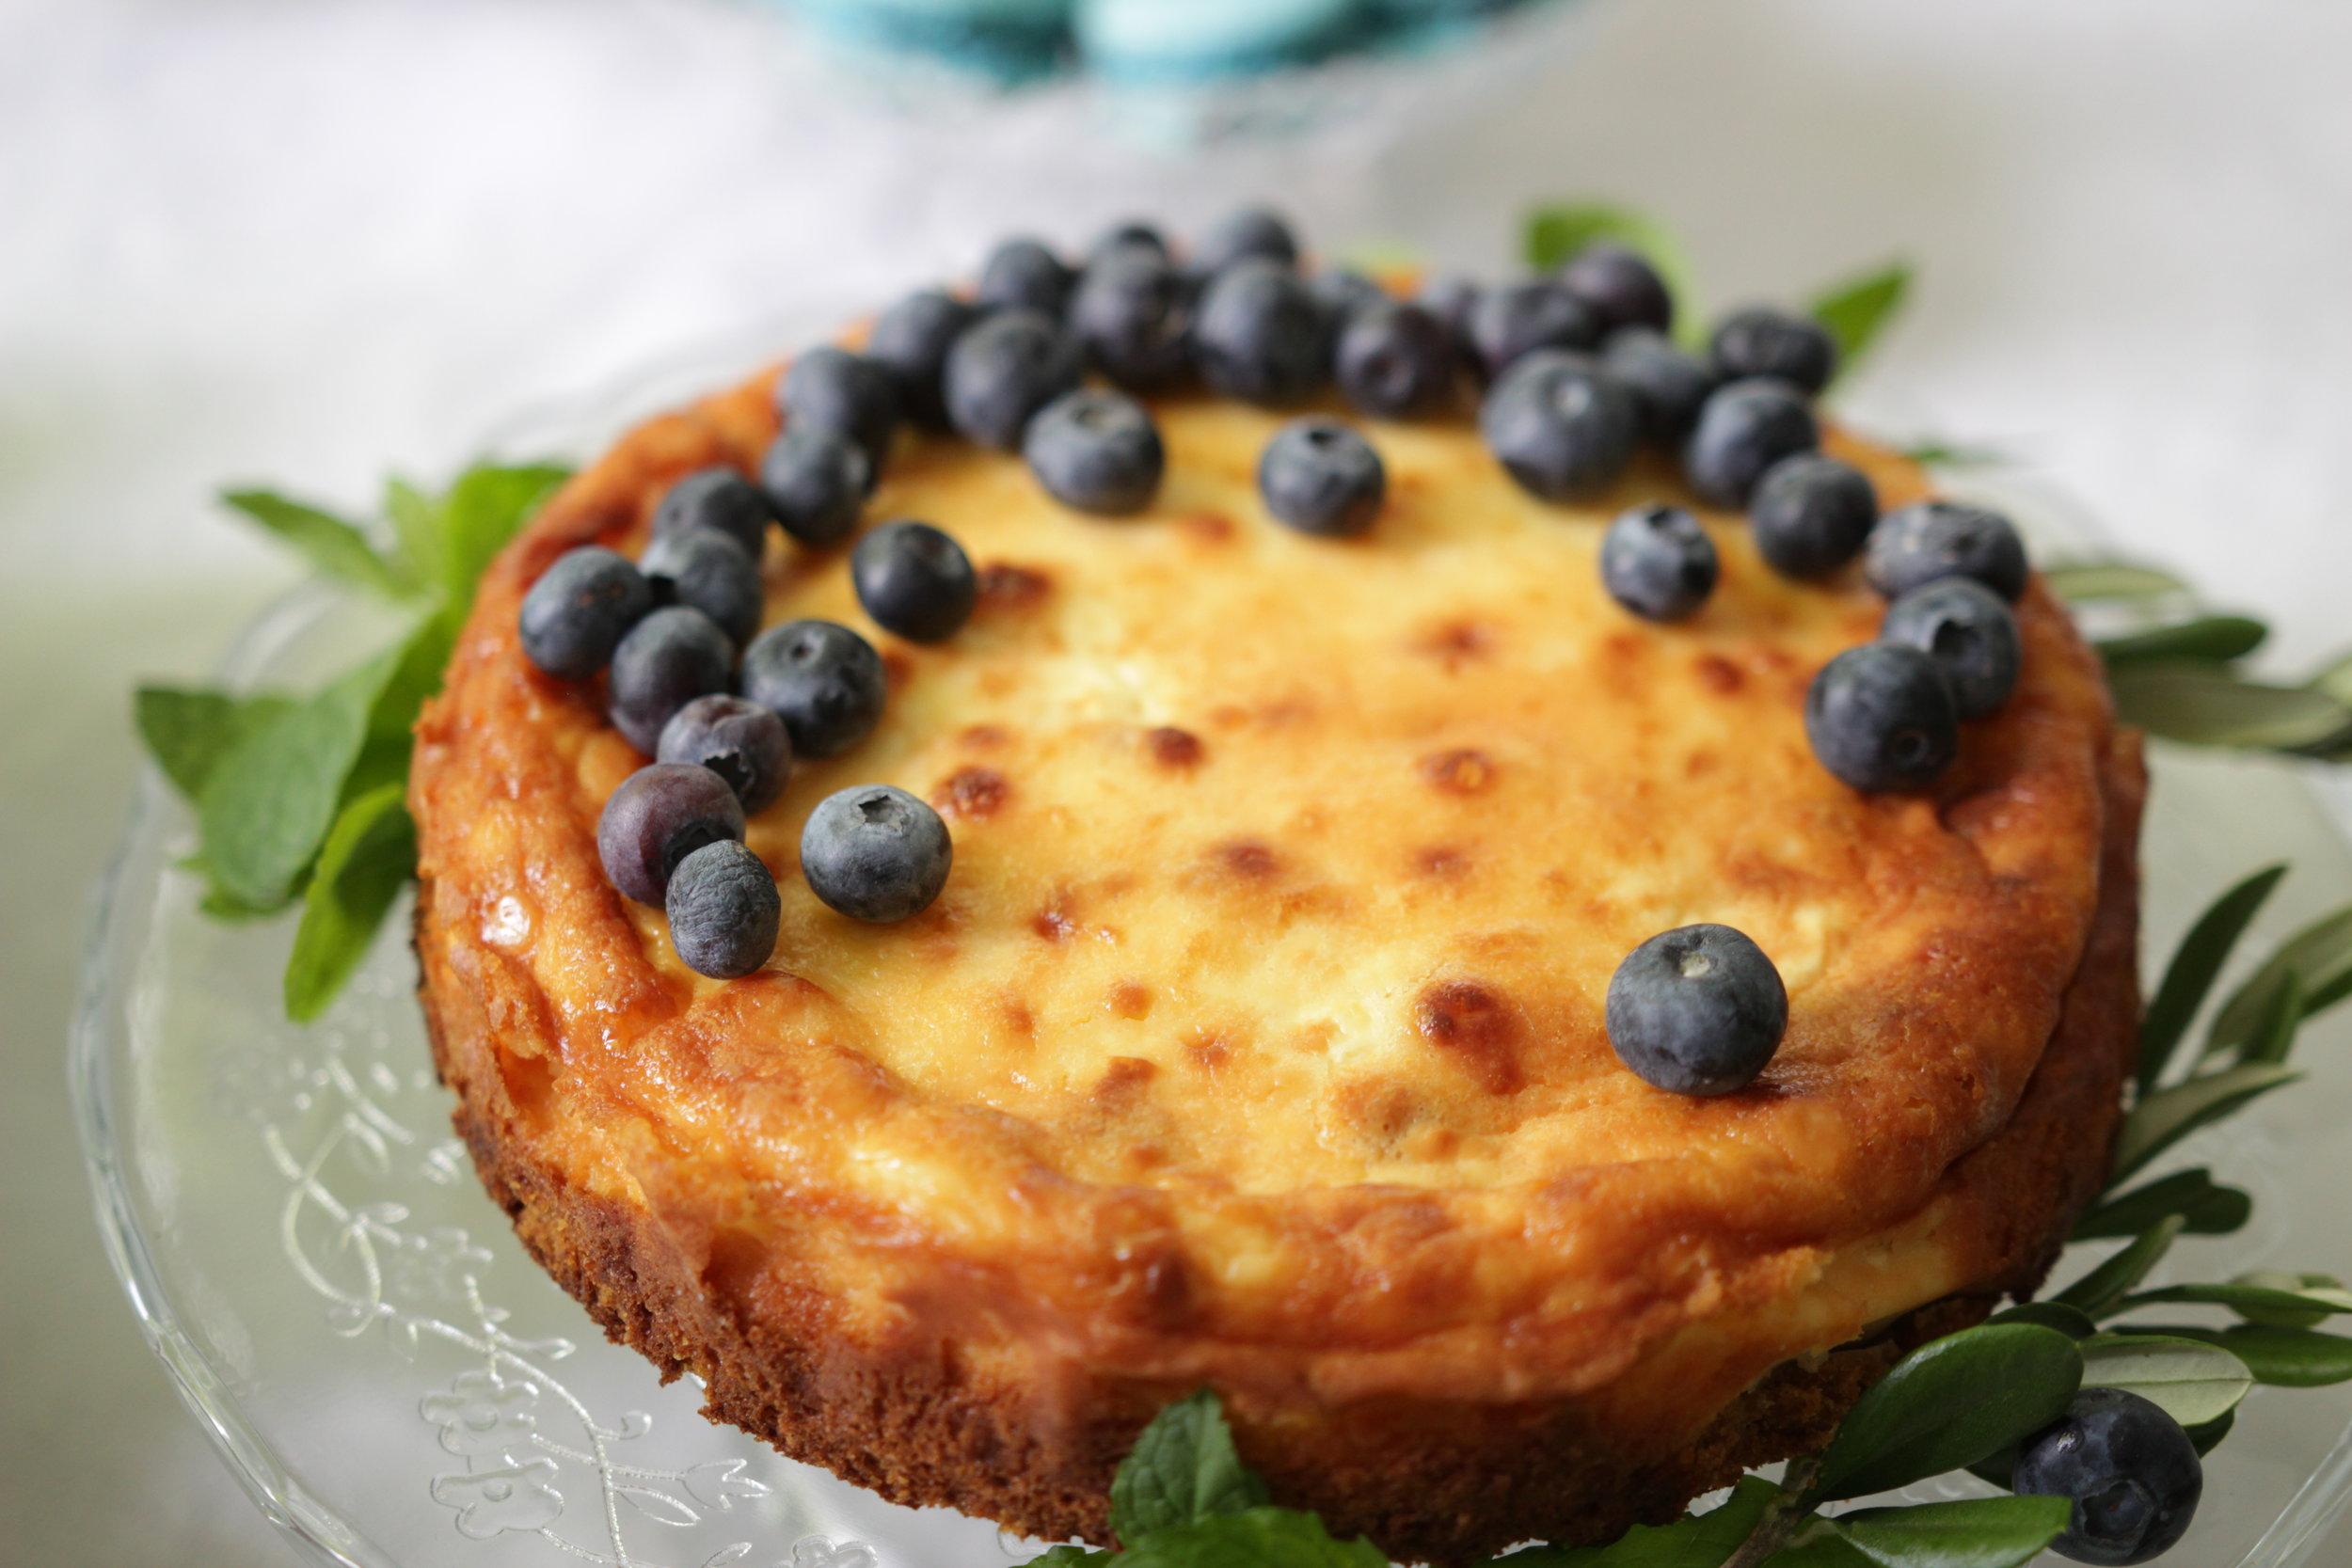 Kotikokin amerikkalainen juustokakku luonnonkukilla ja pensasmustikoilla.Kuva Kristiina Huovinen